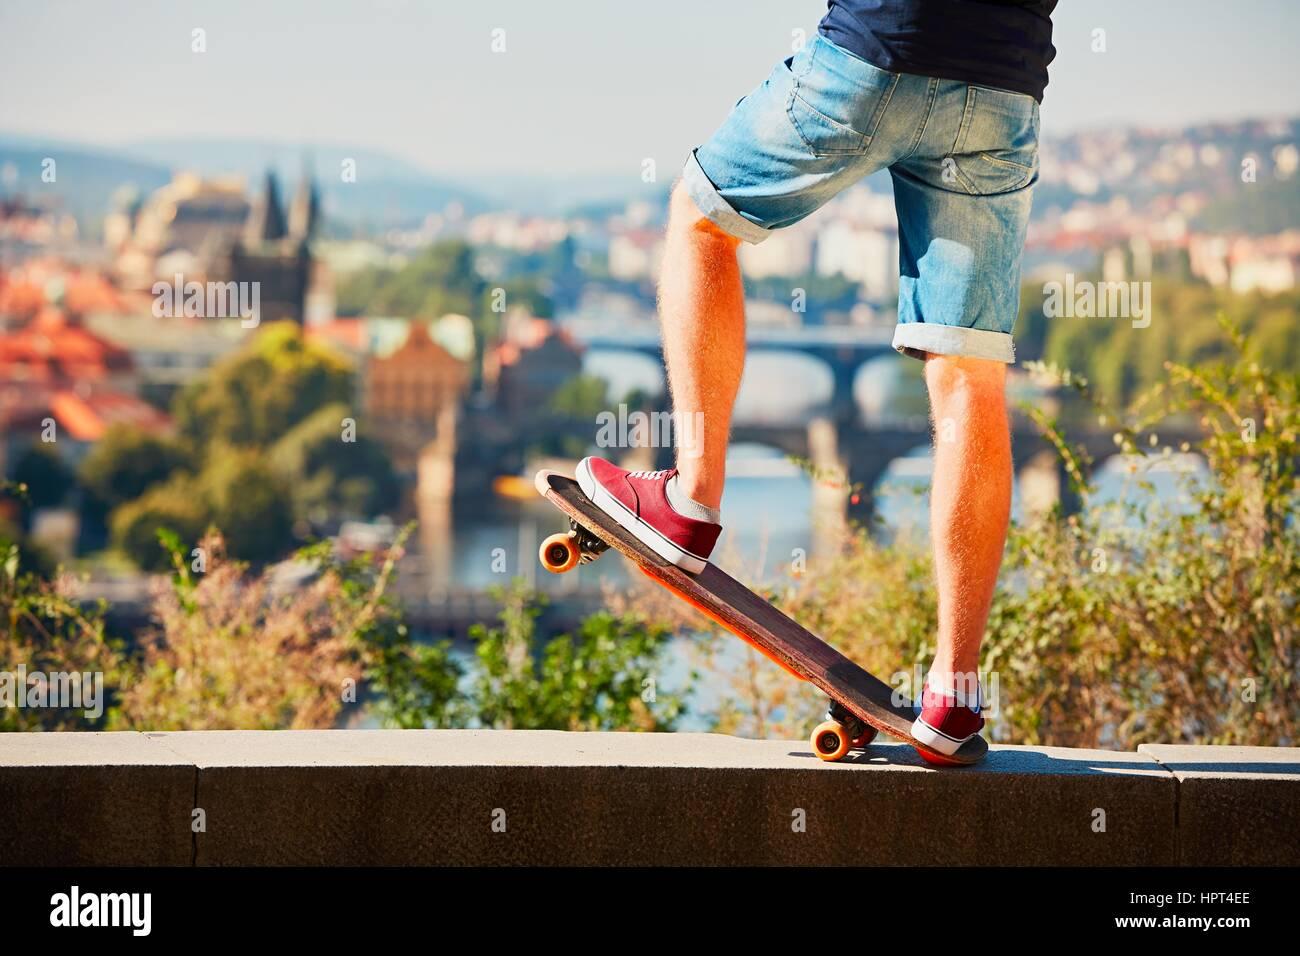 Junge Skater reitet auf dem Skateboard in der Stadt. Prag, Tschechische Republik. Stockbild